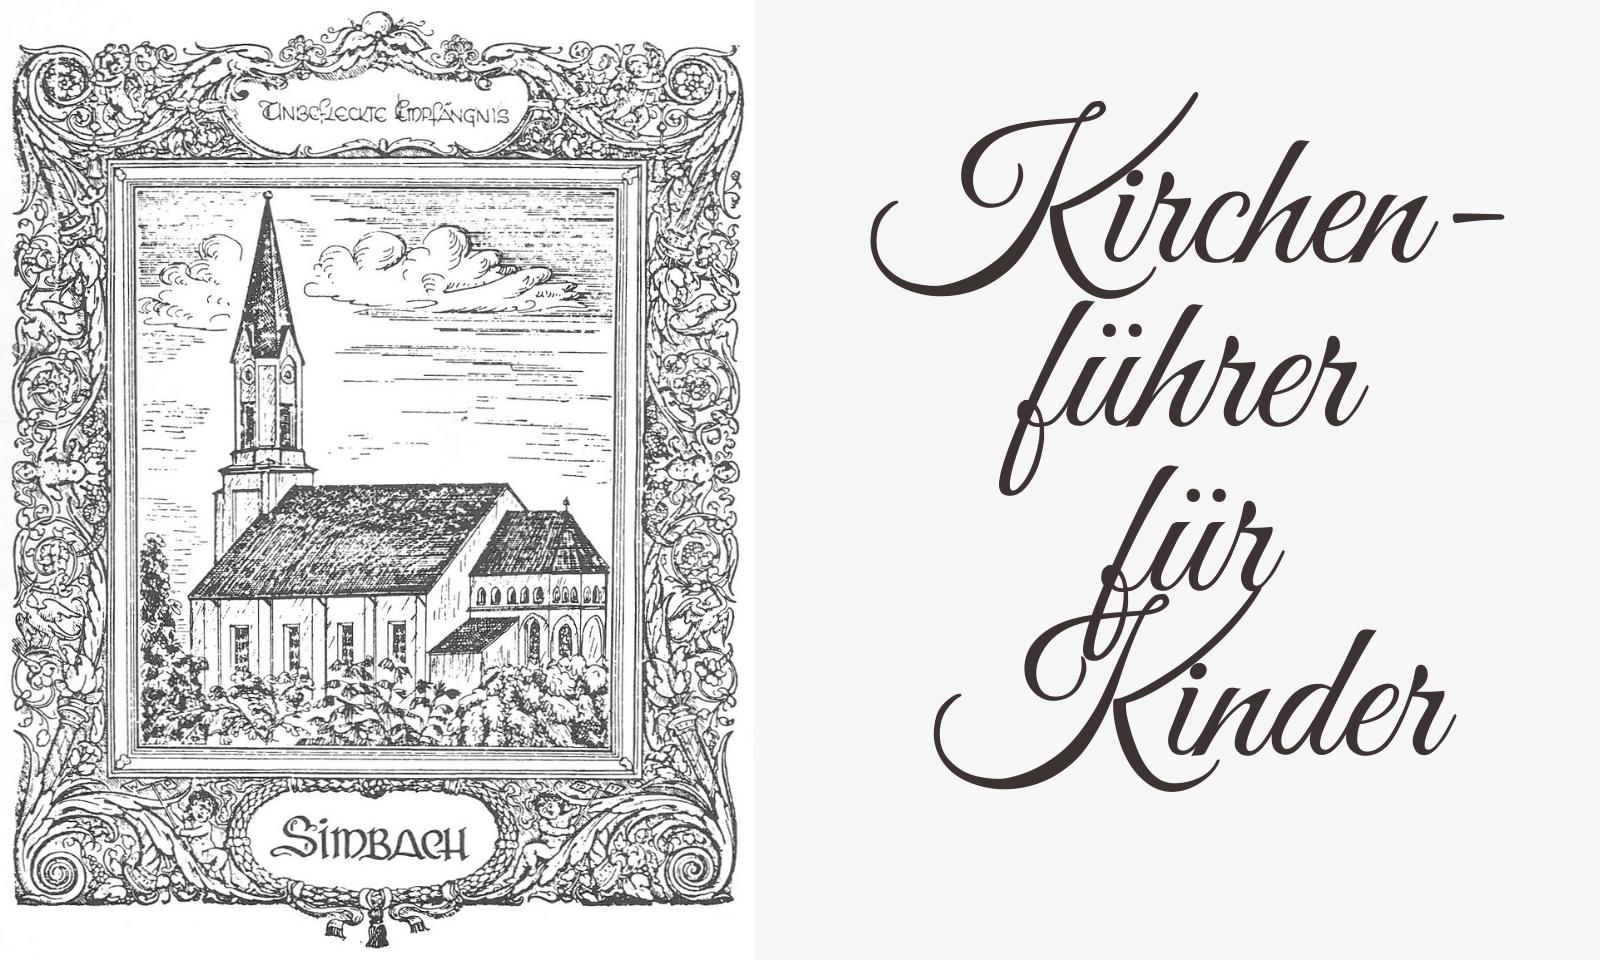 St Marien Kirchenfuehrerfuer Kinder Entry Image